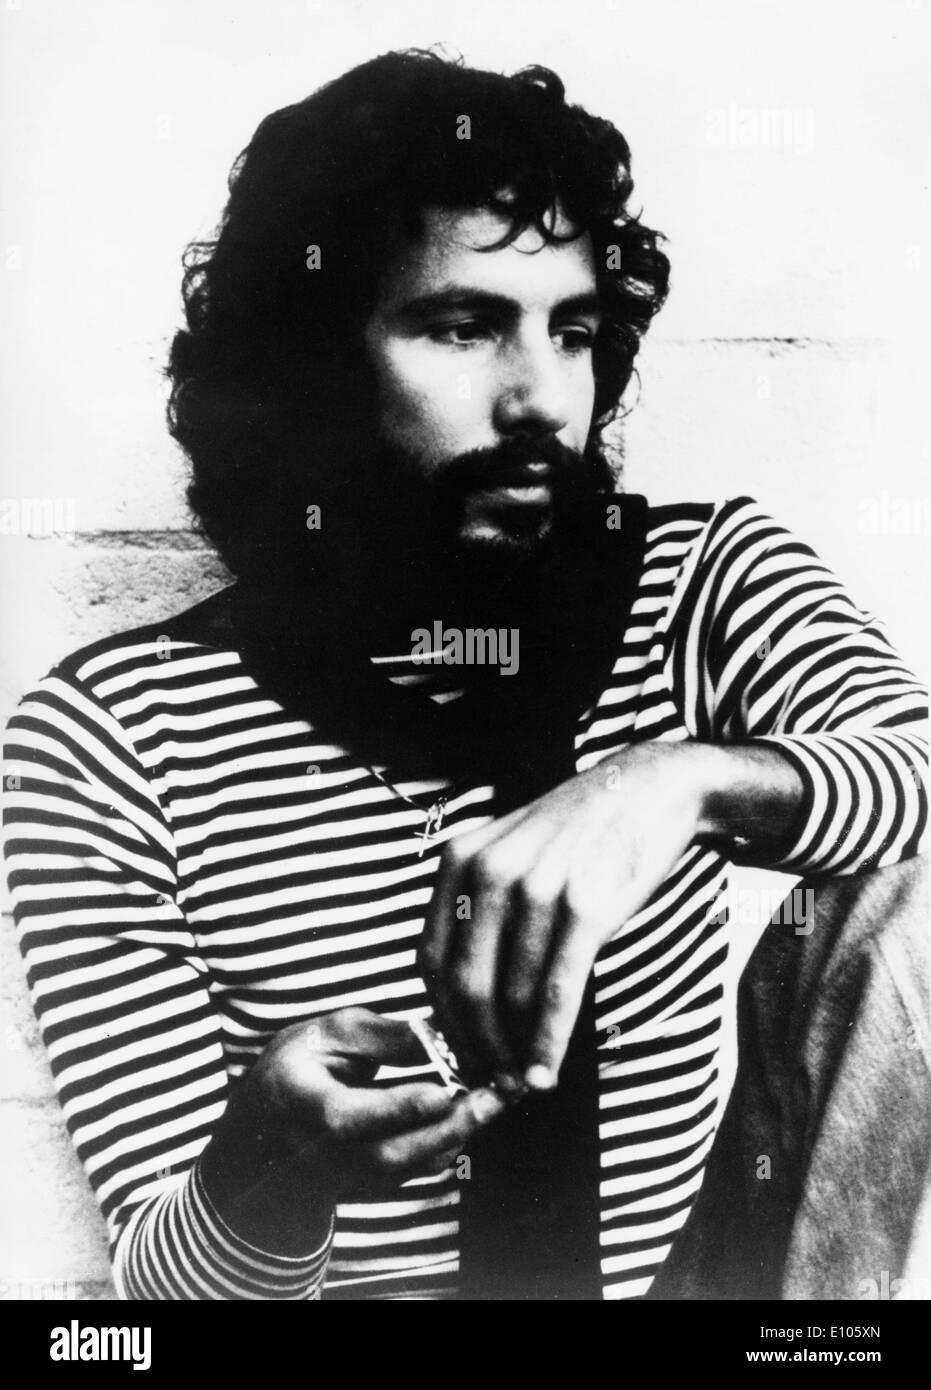 Portrait of musician Cat Stevens - Stock Image